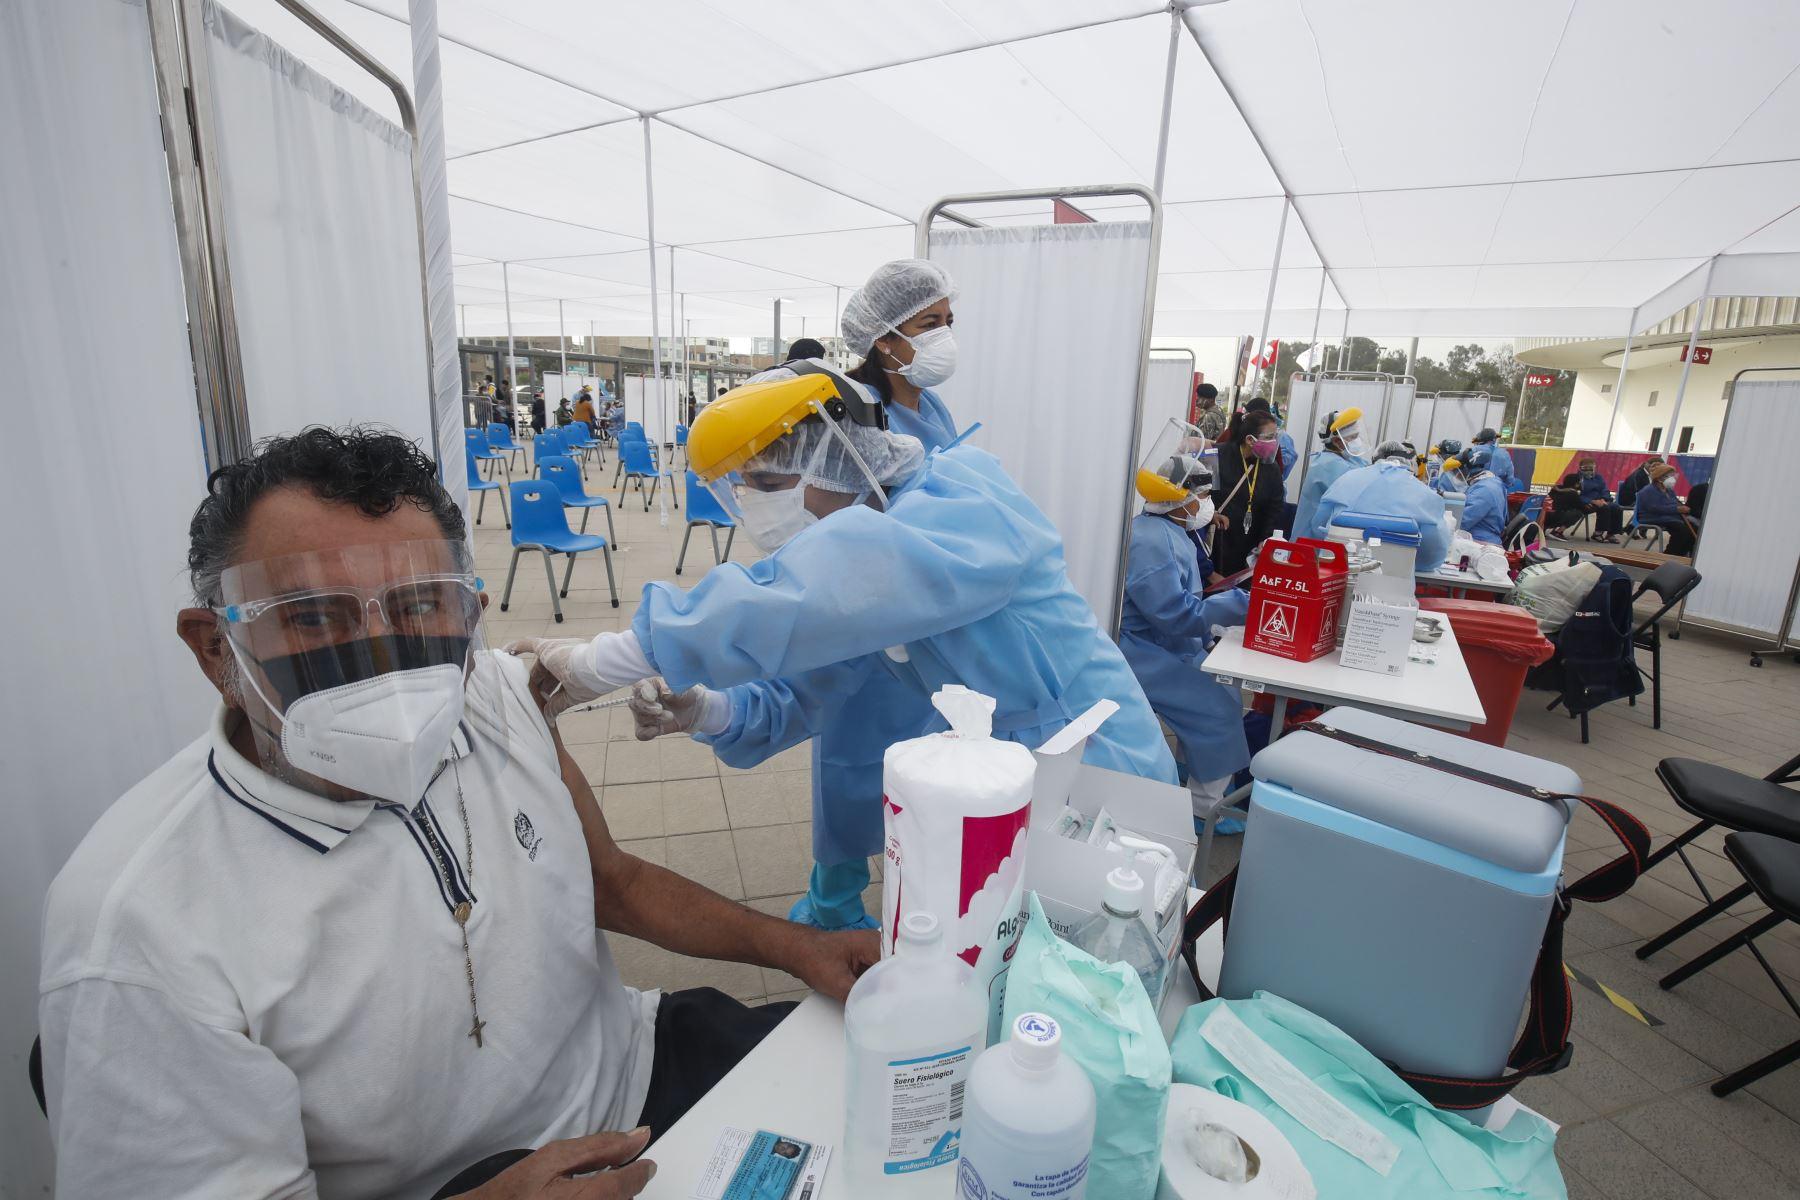 El Gobierno inició hoy la vacunación bajo la nueva estrategia con enfoque territorial que tiene como base de datos el padrón del Reniec. Foto: ANDINA.